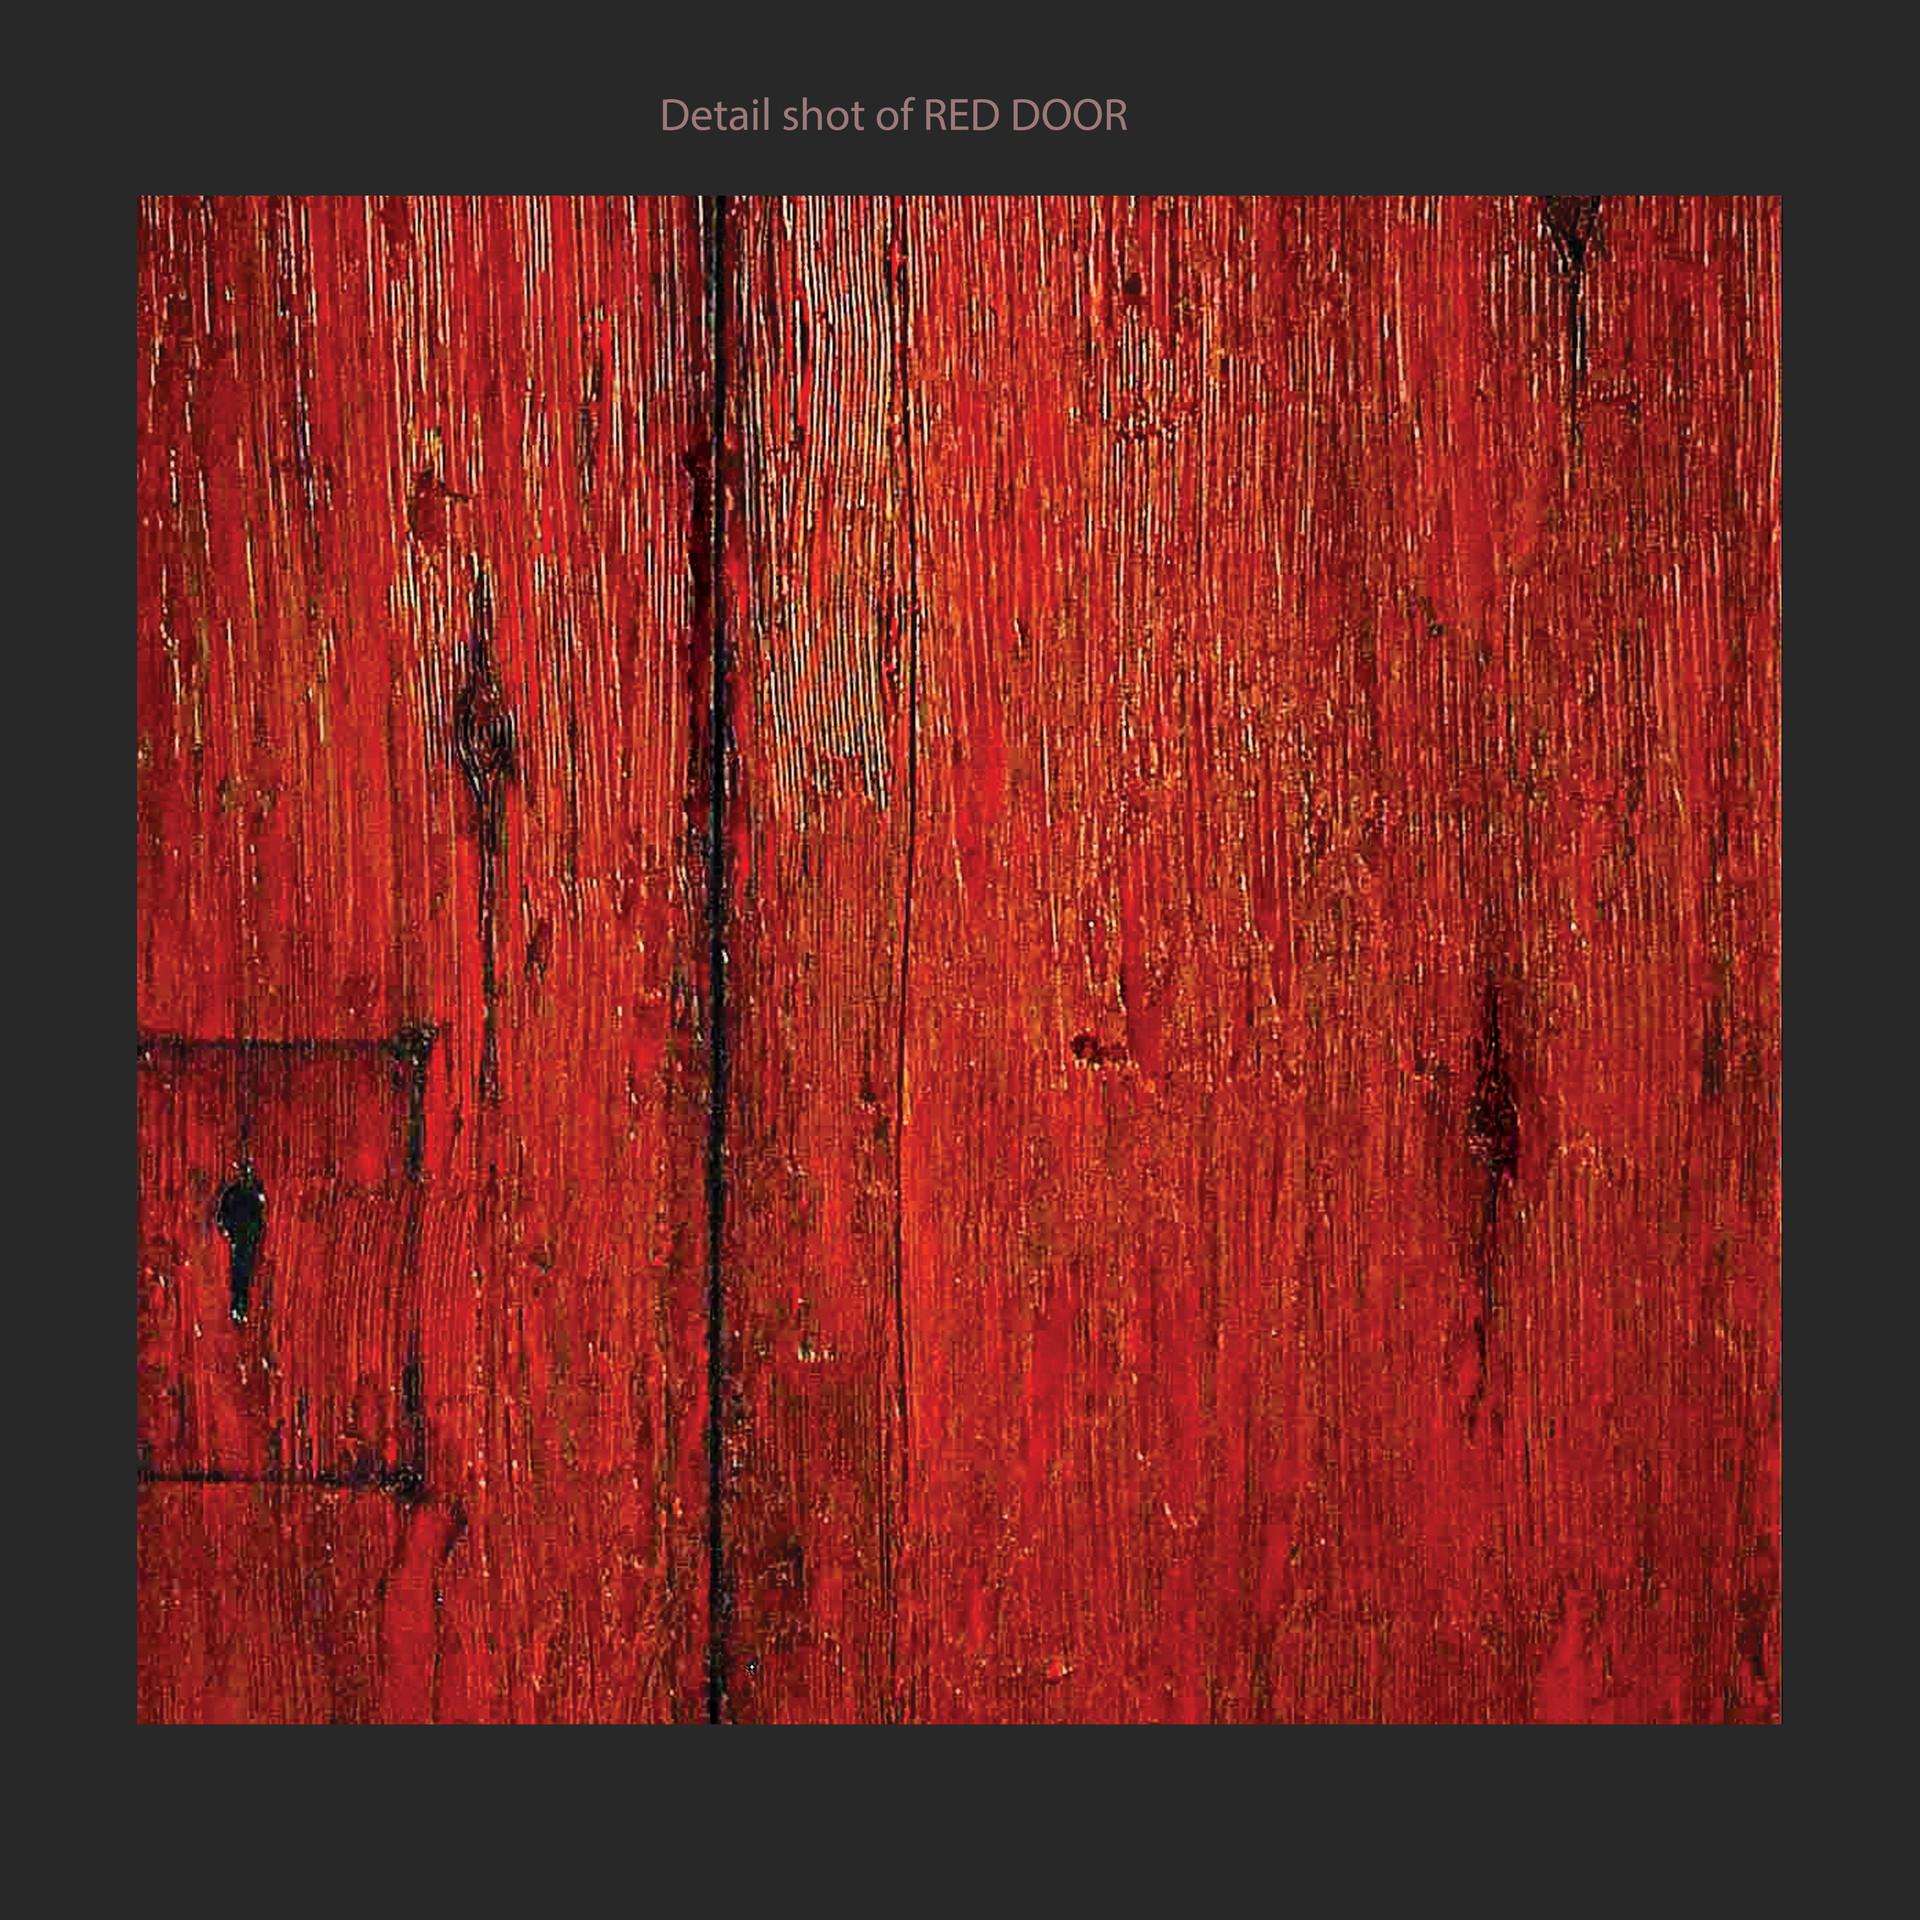 Red Door Detail